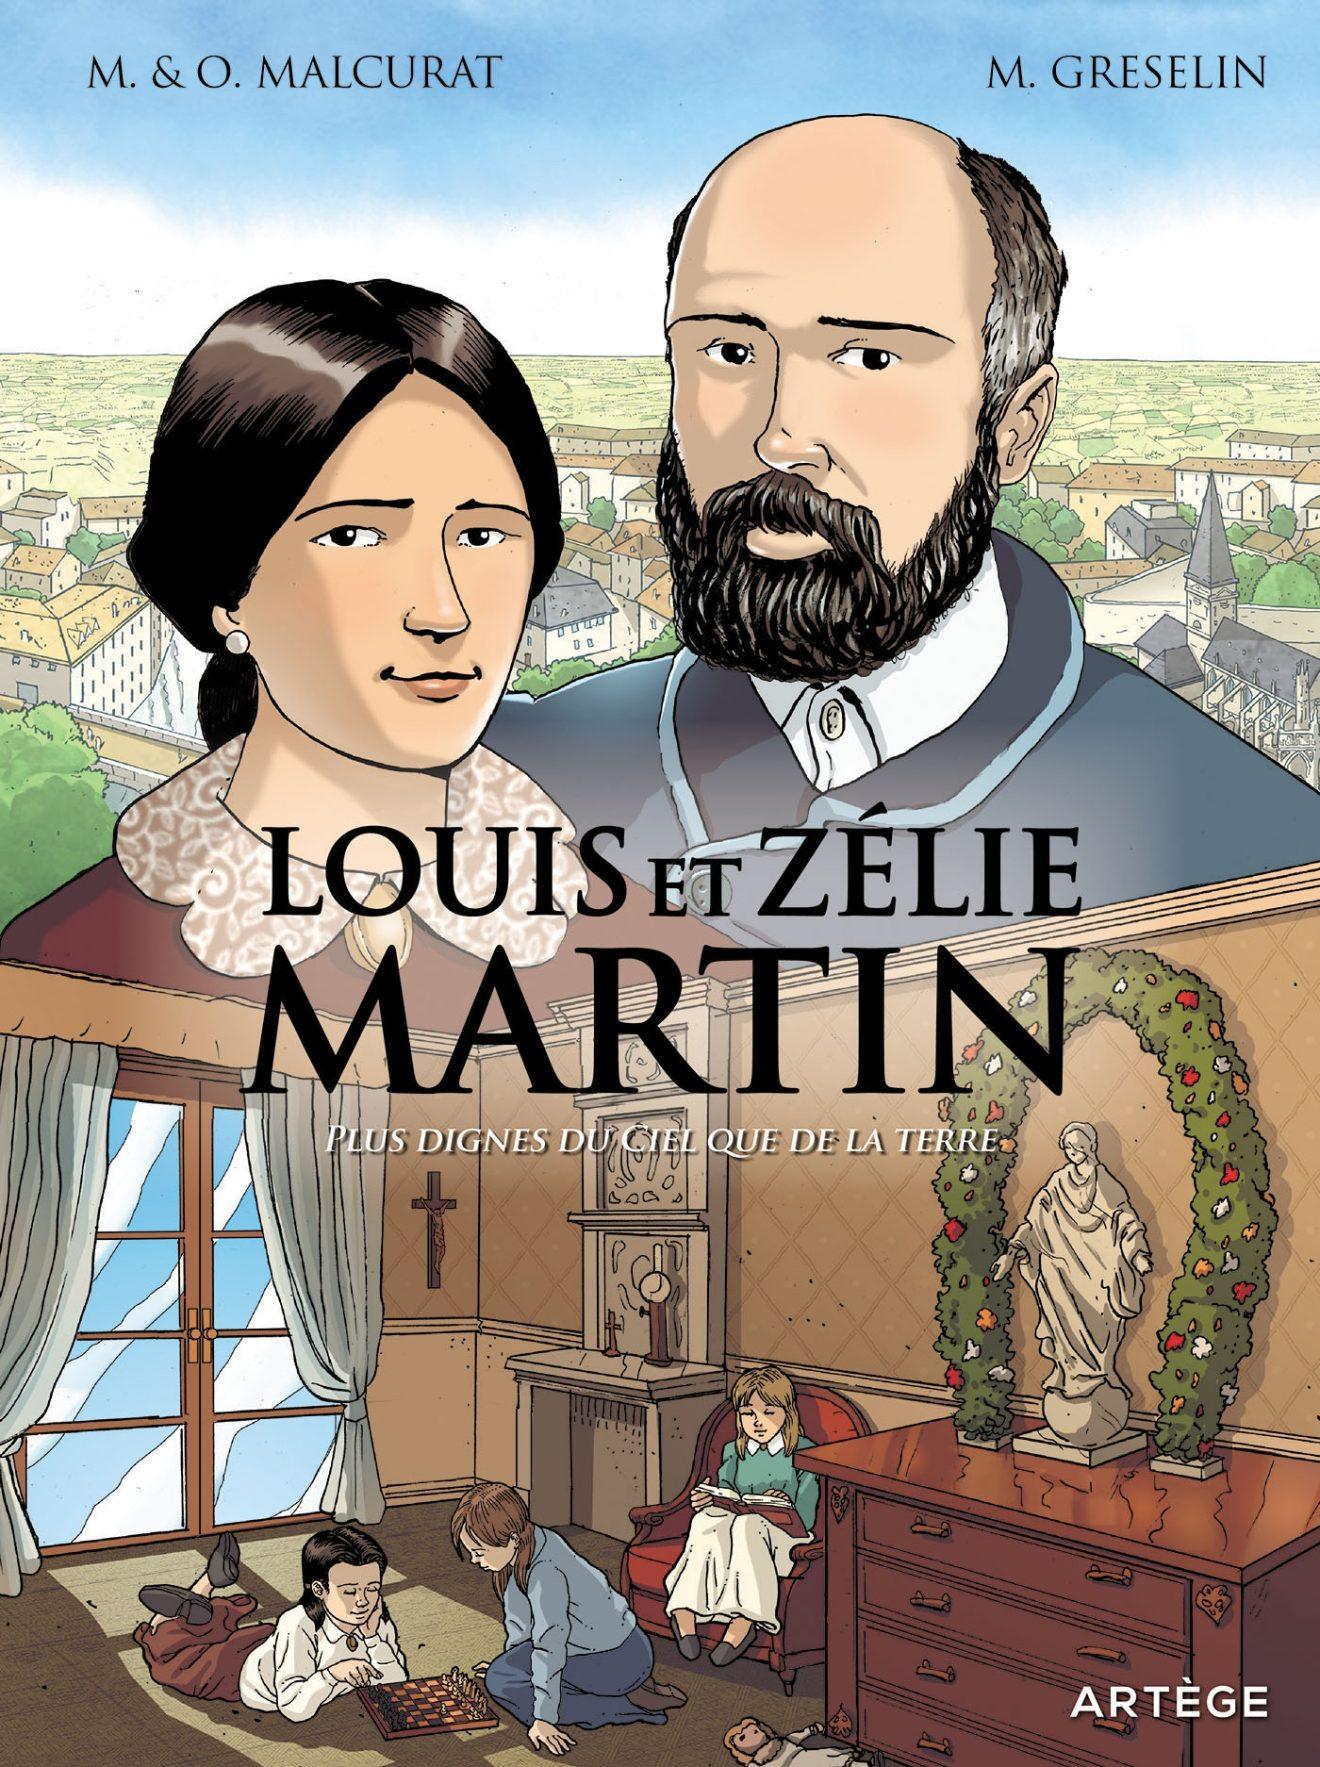 Mieux connaître Louis et Zélie Martin par l'image